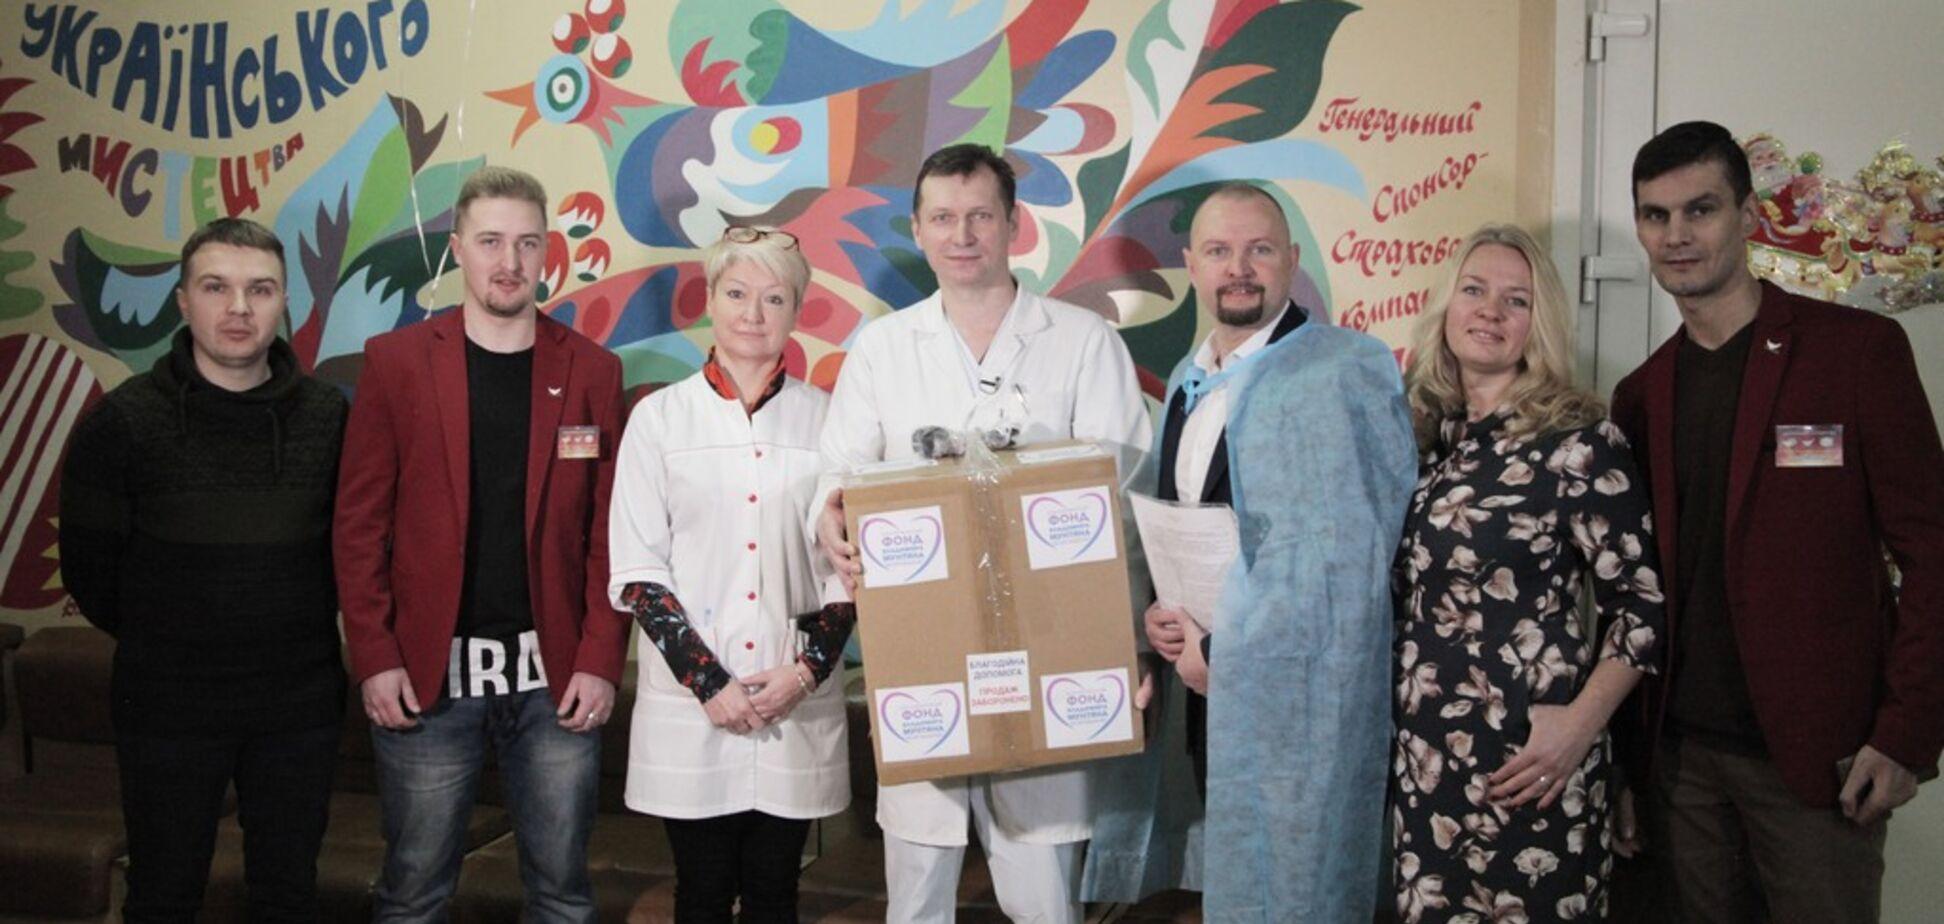 Фонд 'Відродження' купив дорогий апарат Київському онкоцентру